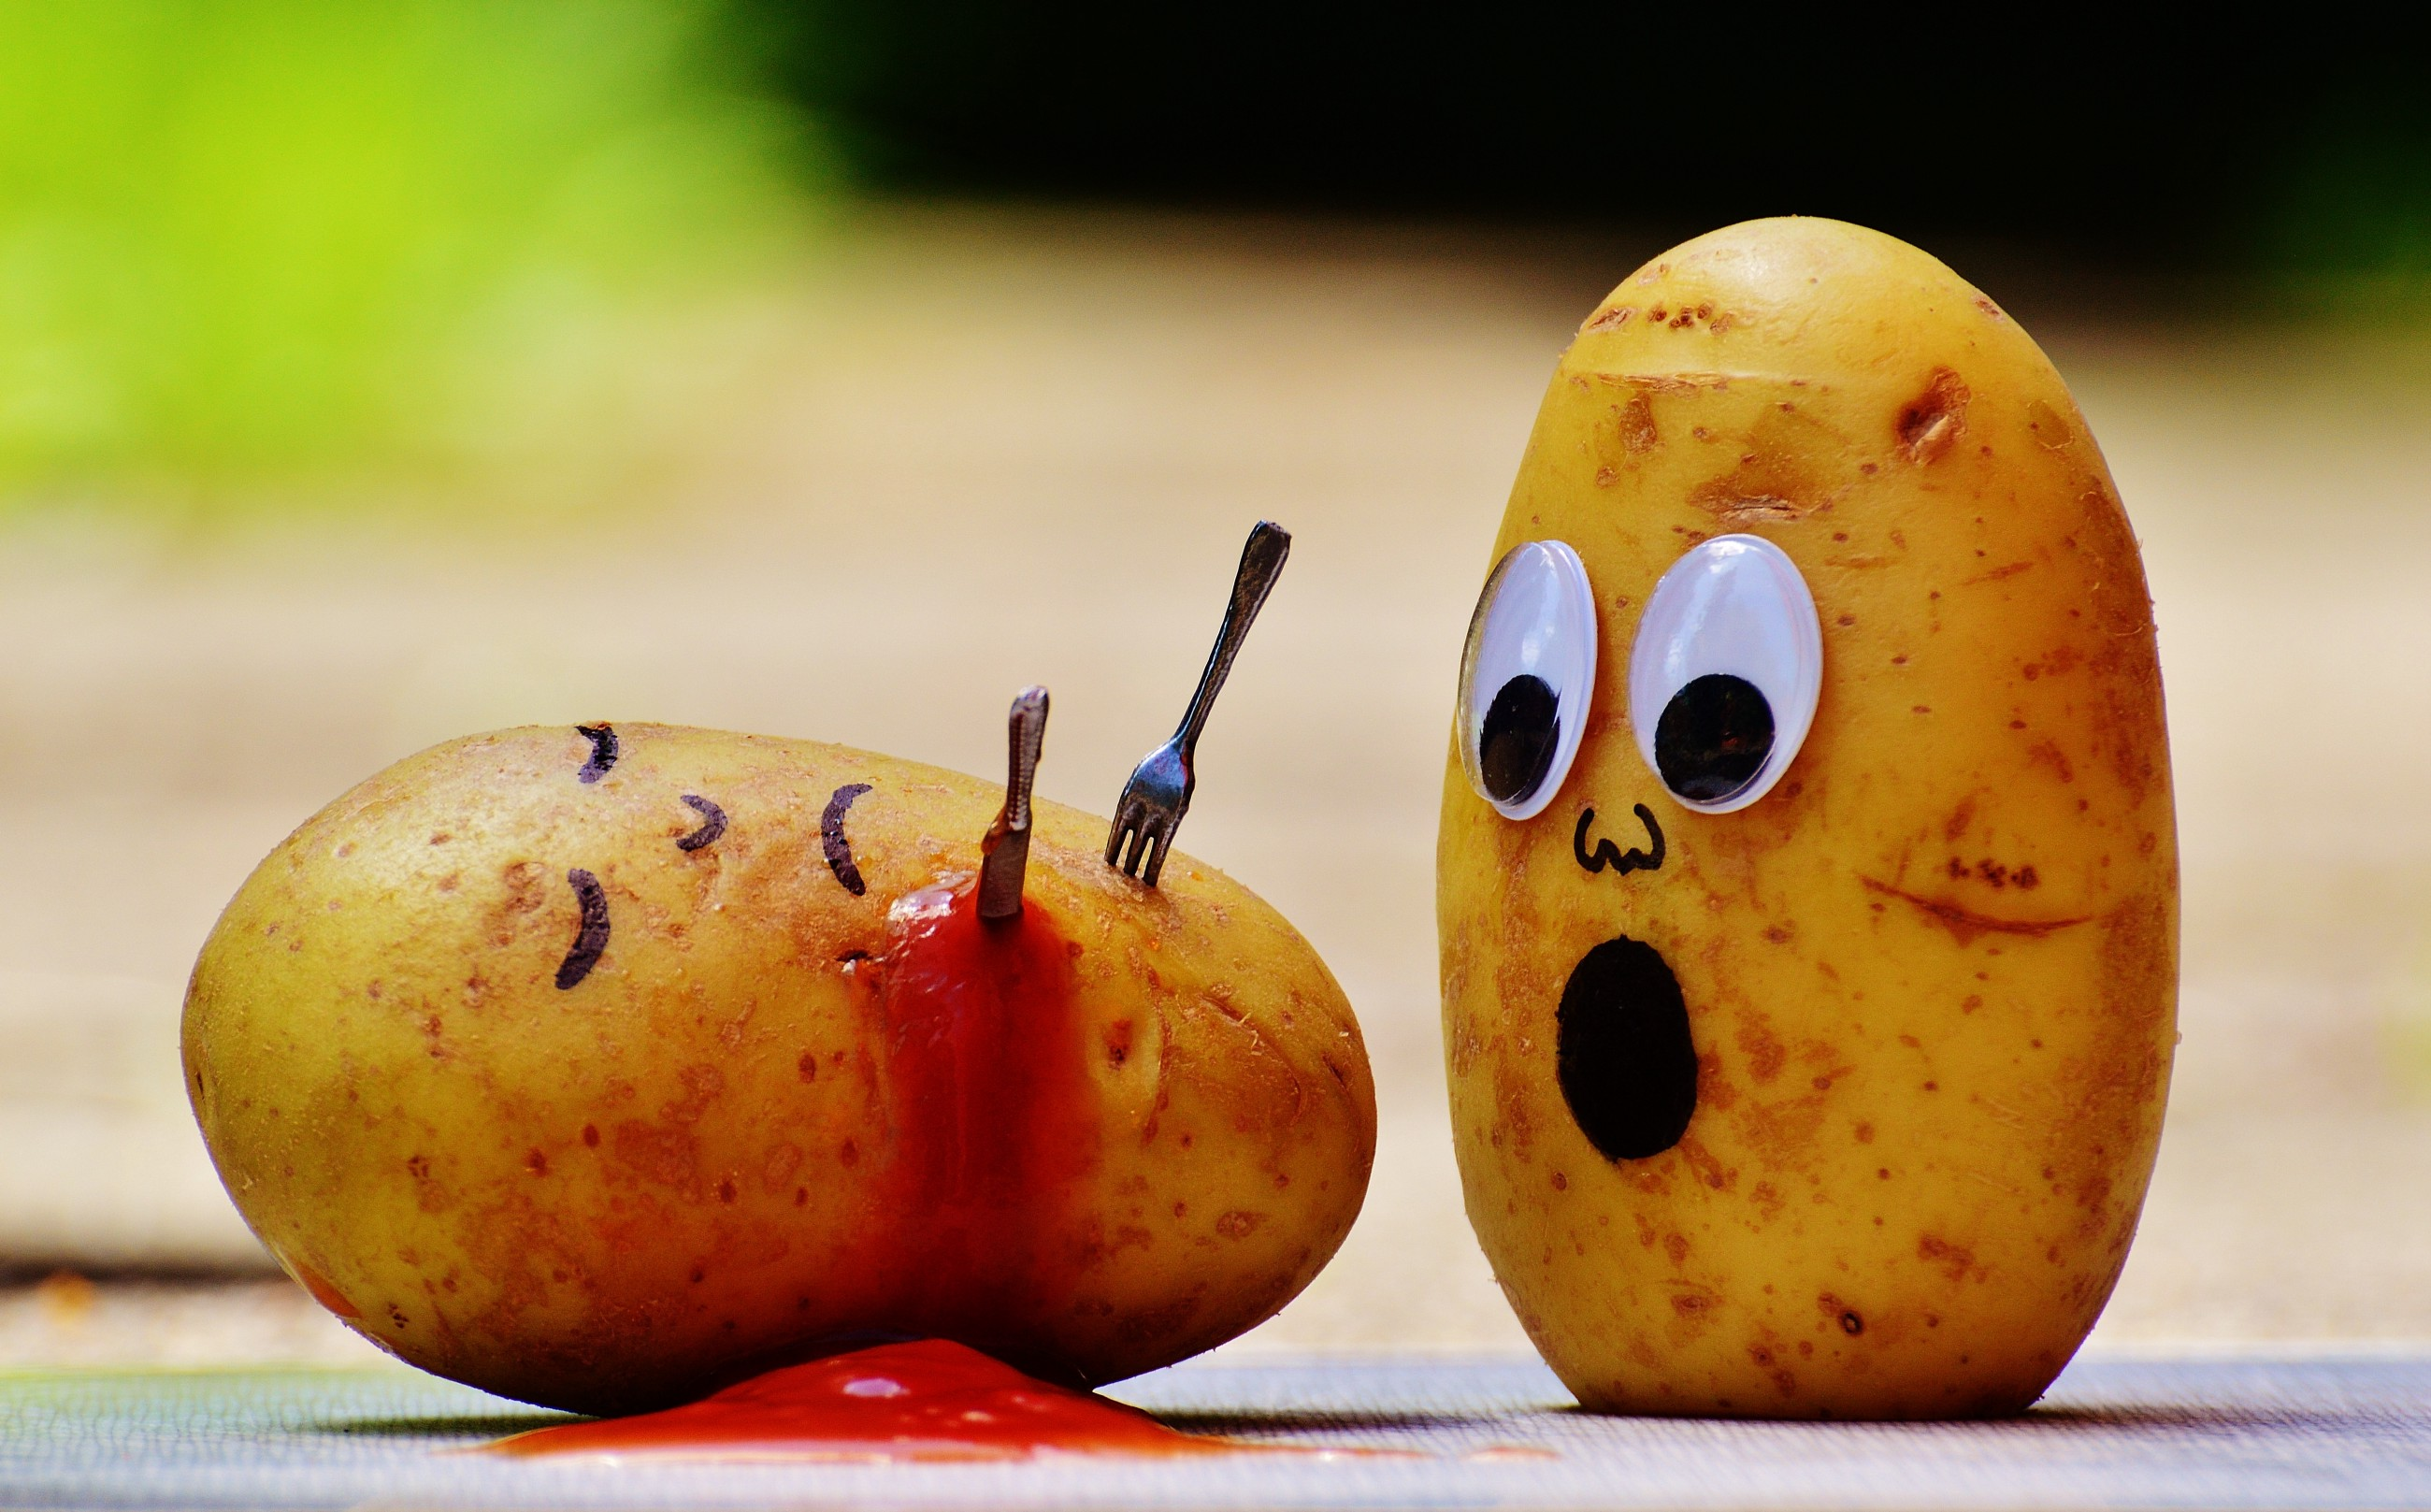 Добрым, смешные фрукты картинка